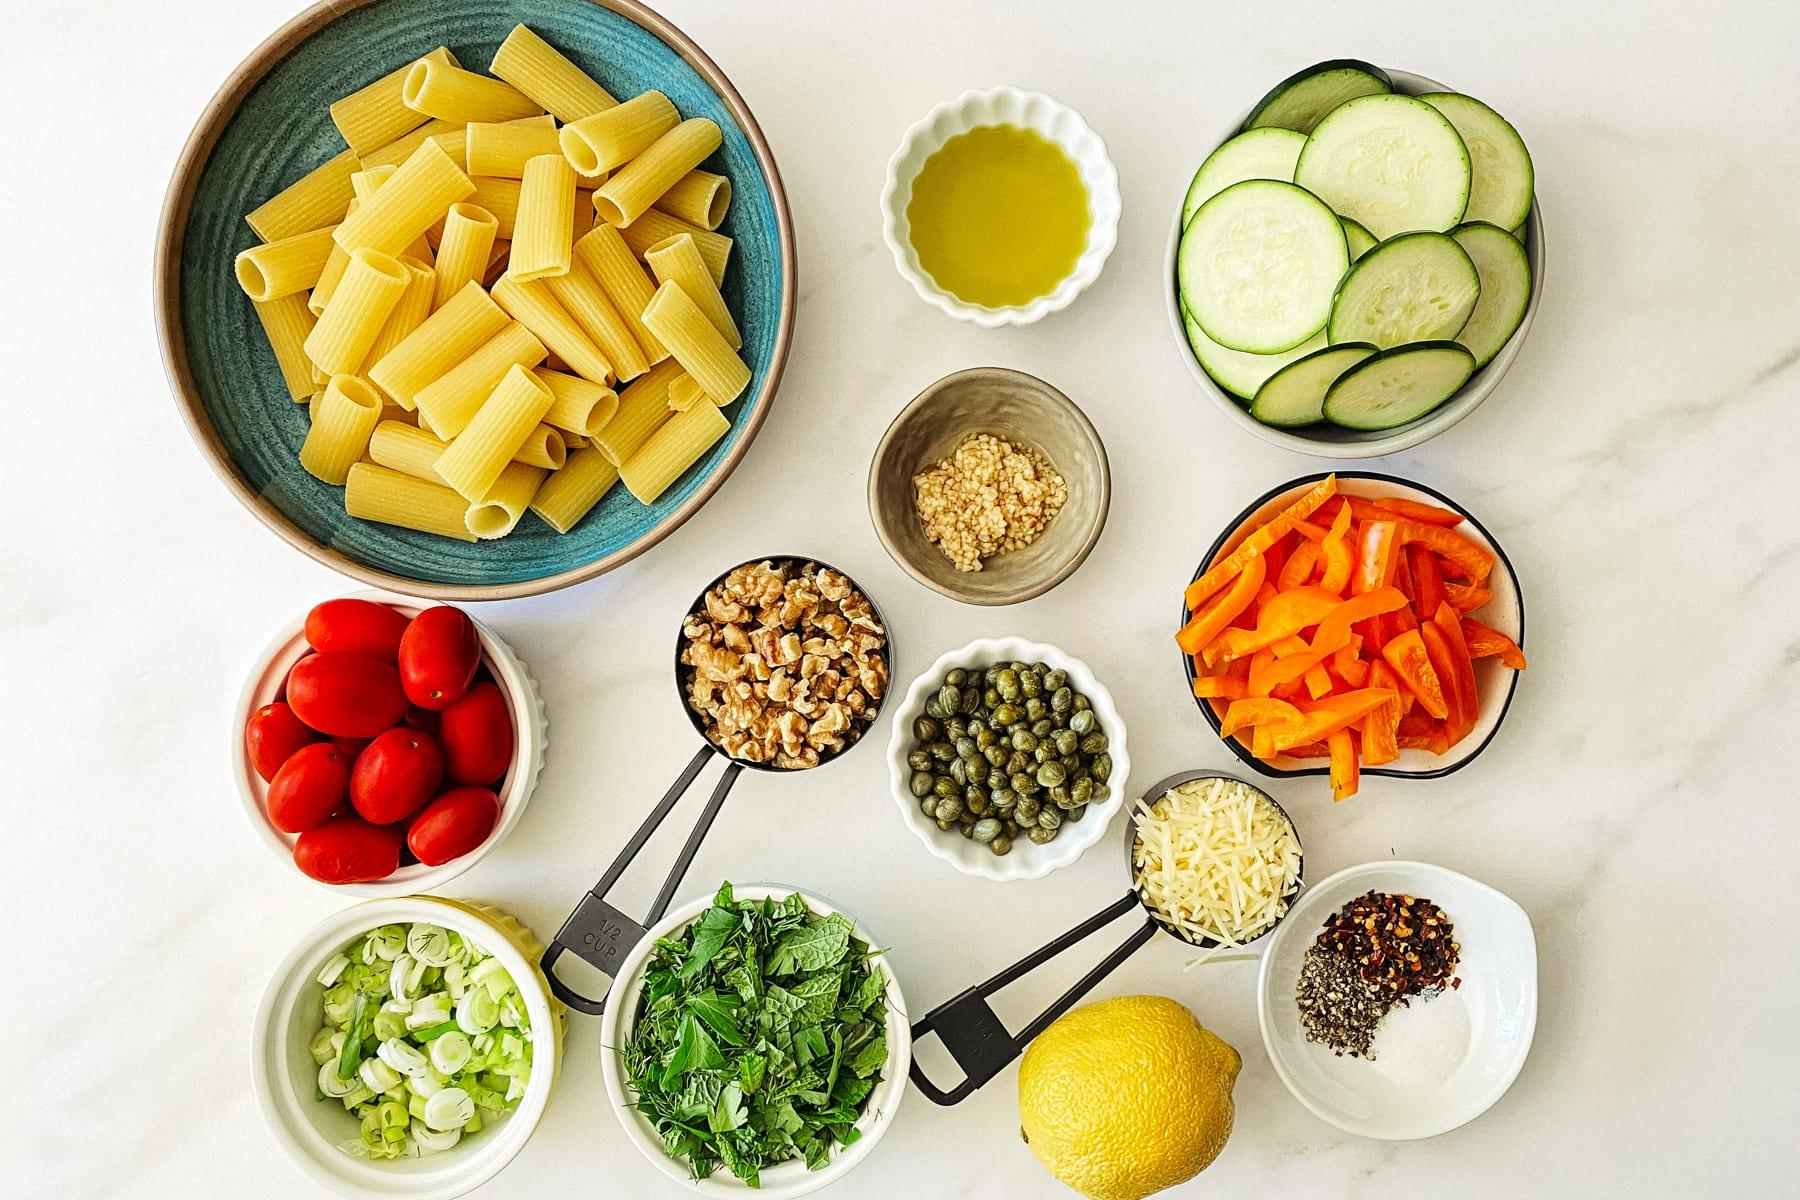 ingredients for vegan pasta salad